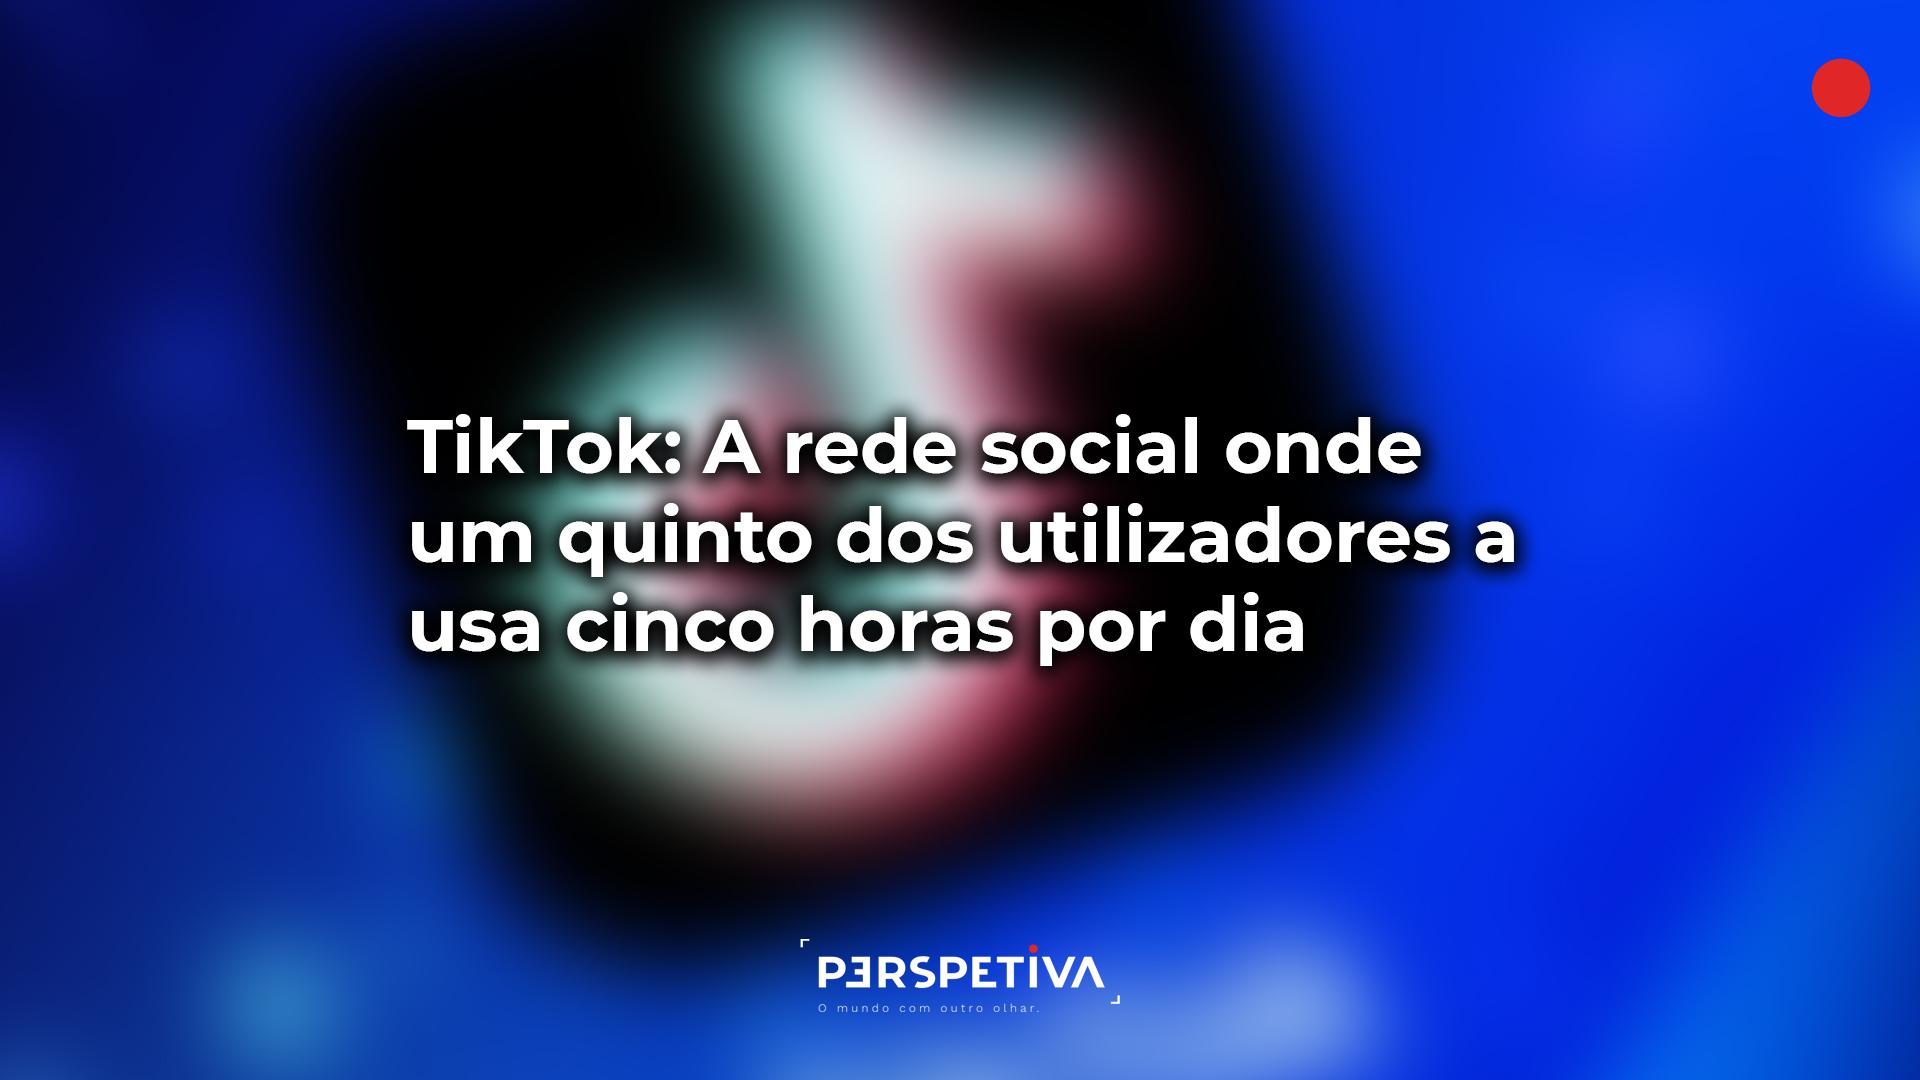 TikTok: A rede social onde um quinto dos utilizadores a usa cinco horas por dia